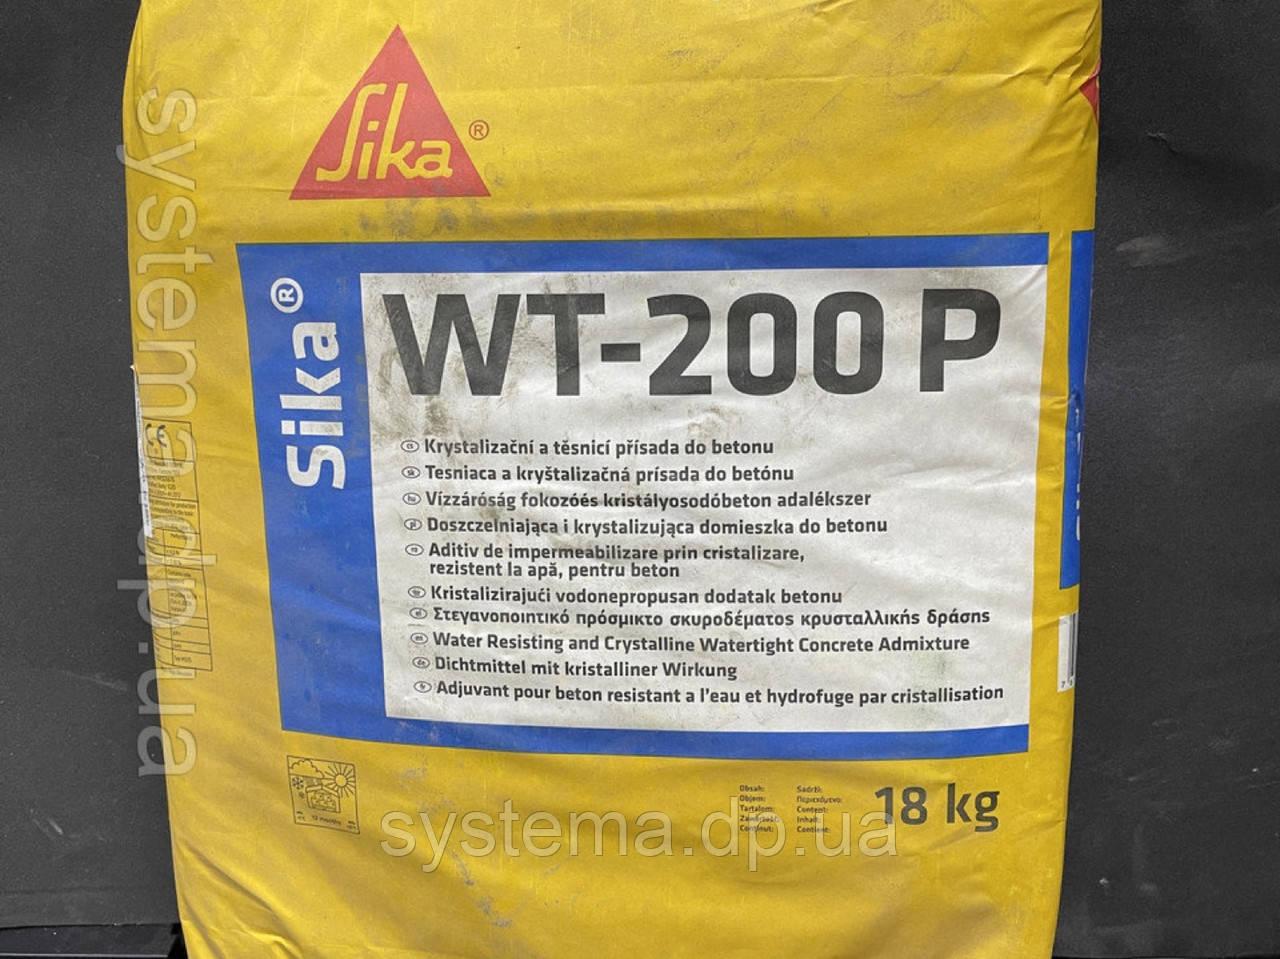 Sika WT 200 P - Добавка гидрофобизирующая с эффектом самозалечивания трещин для бетонов и растворов, 18 кг